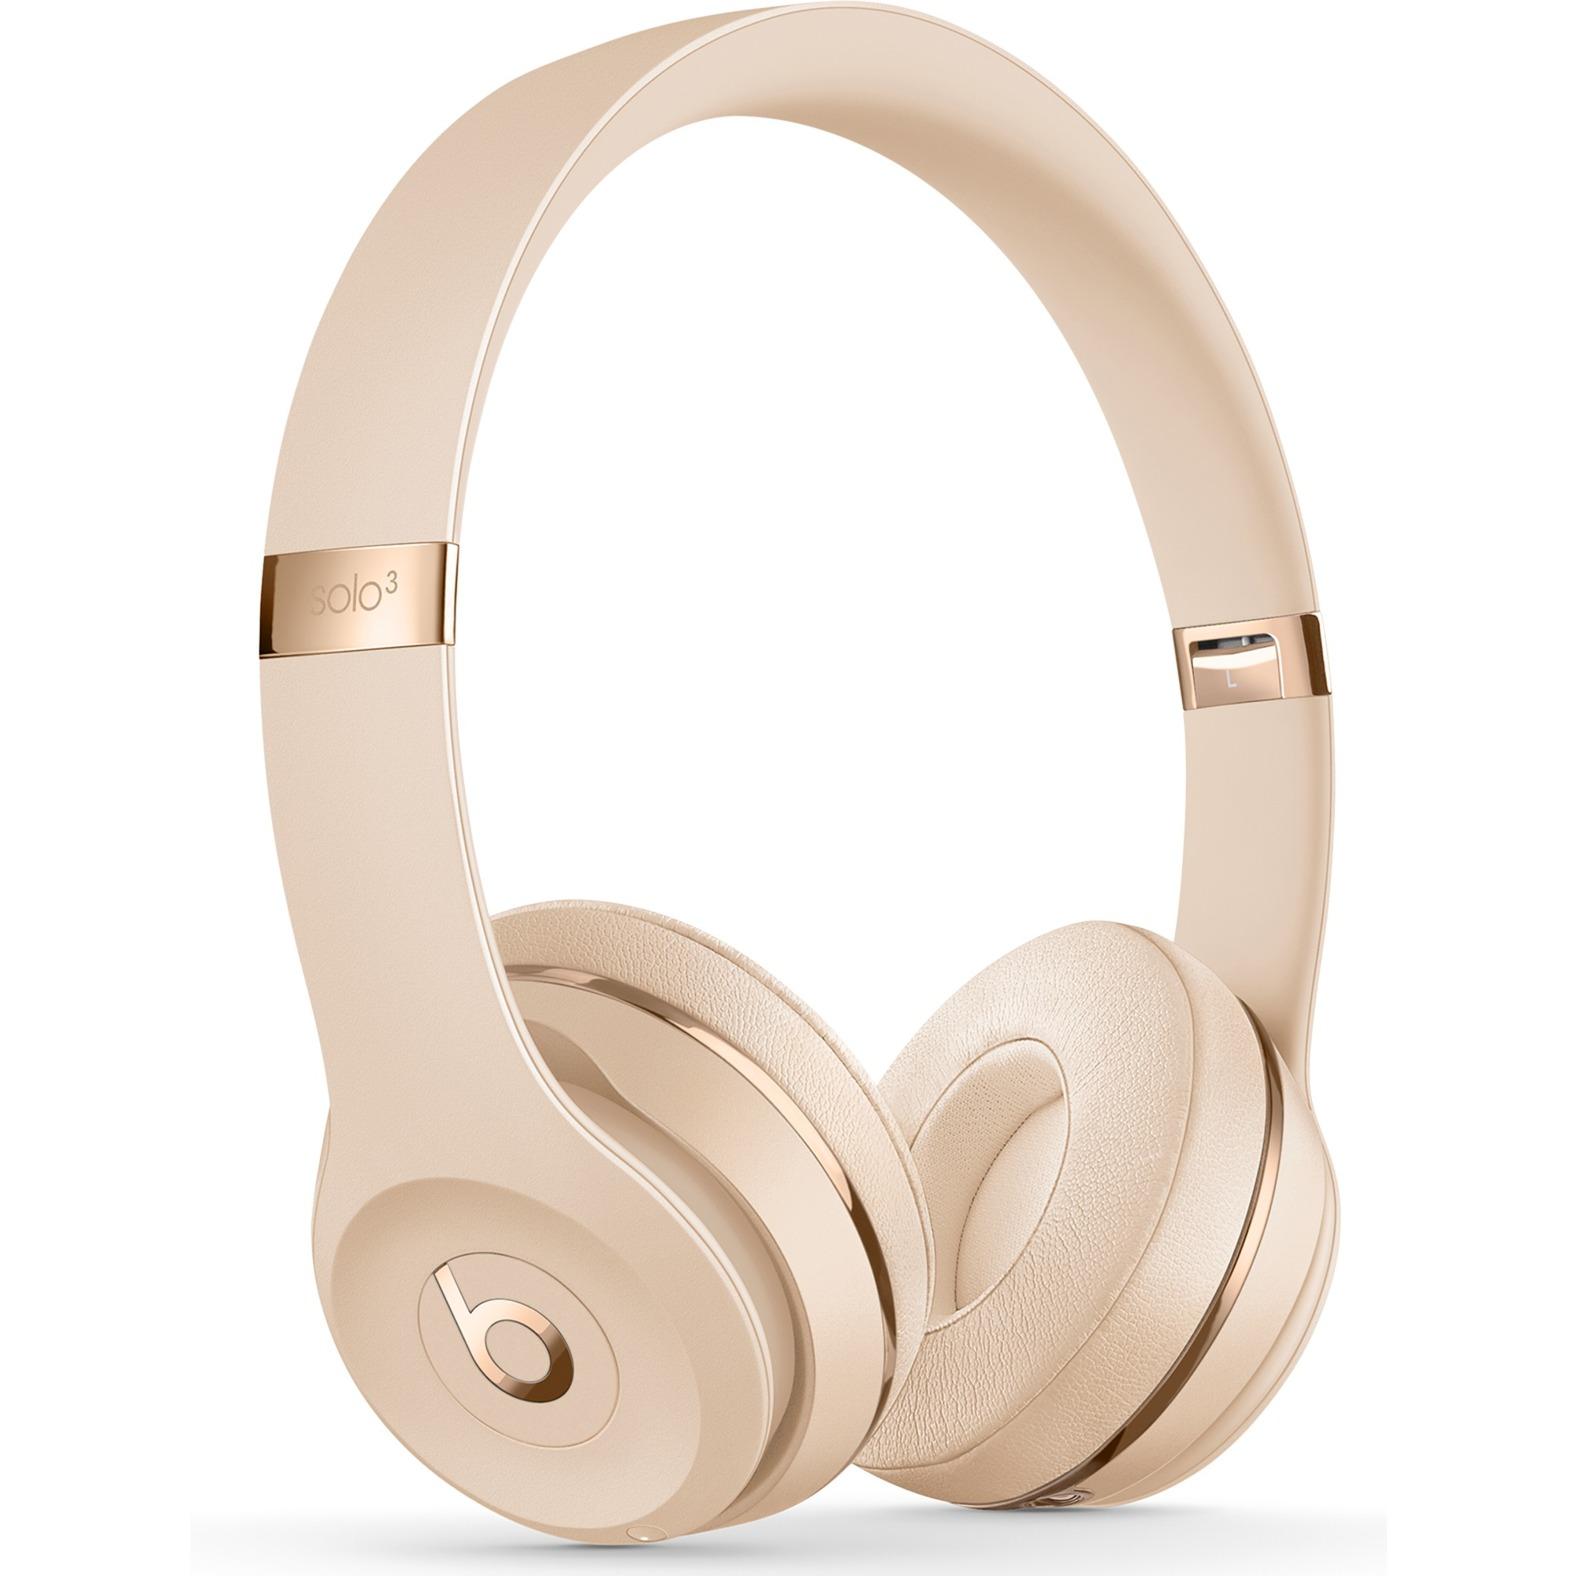 Beats Solo3 auricolare per telefono cellulare Stereofonico Padiglione  auricolare Oro Con cavo e senza cavo 79309b624259